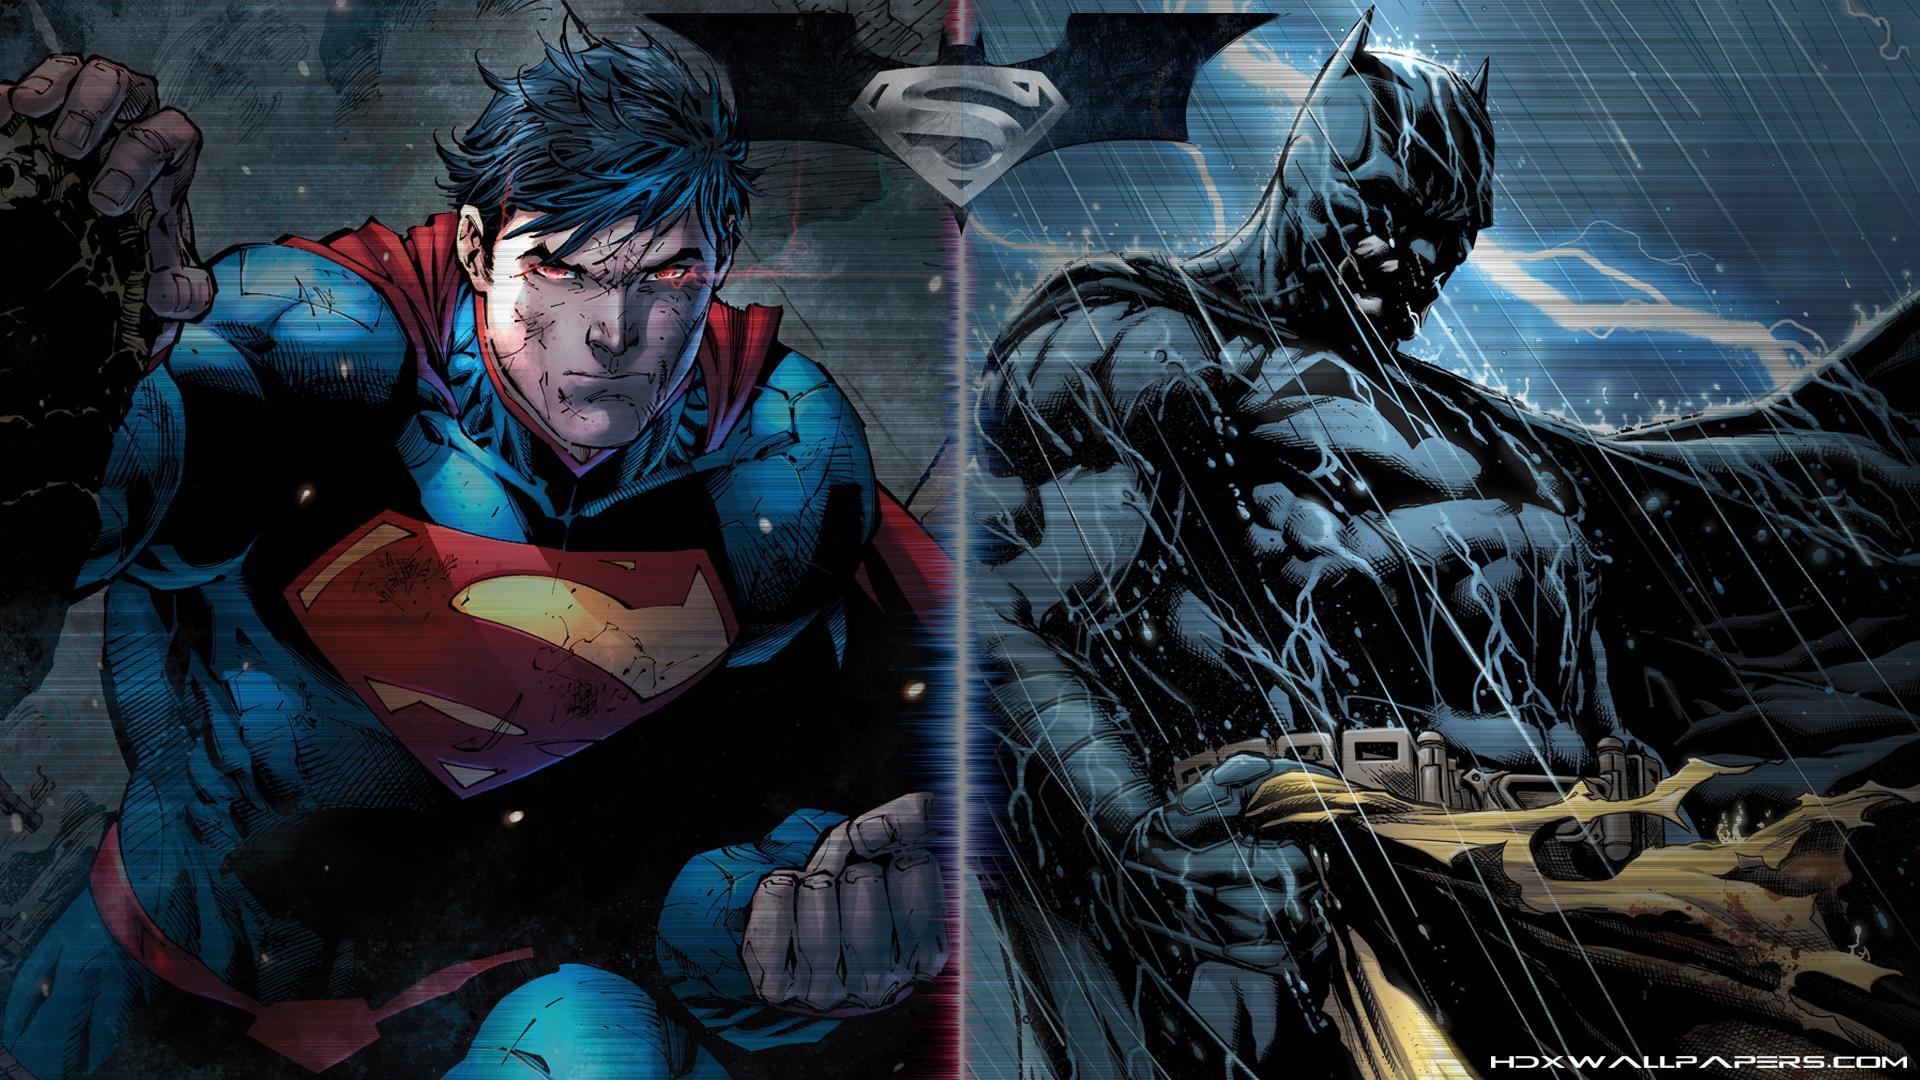 Batman VS Superman Hd Wallpapers   Wallducom 1920x1080